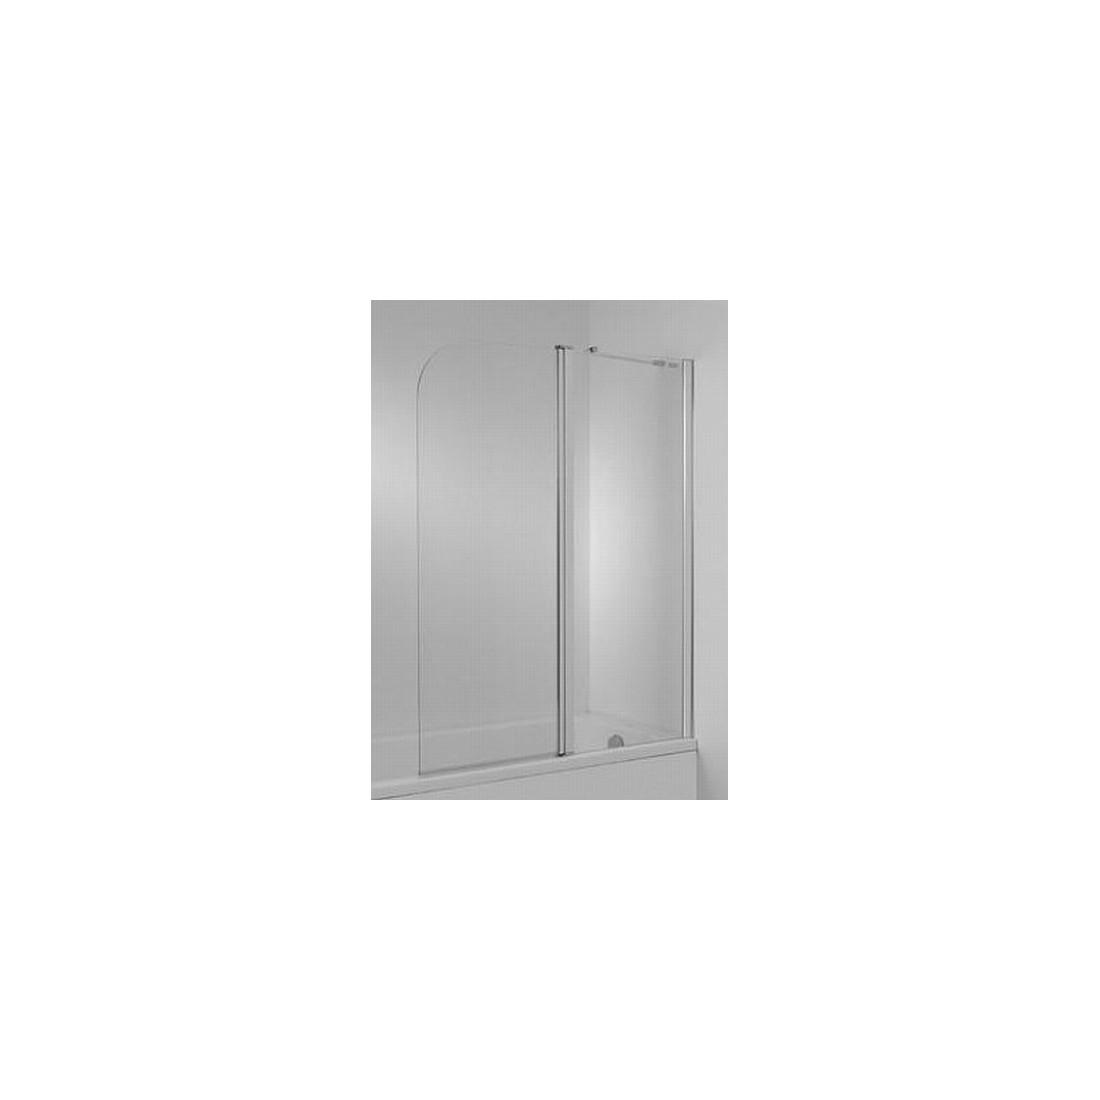 CUBITO Vonios sienelė varstoma 2 dalių,  plotis 1150 mm, profil. sidabr. sp., skaidrus stiklas